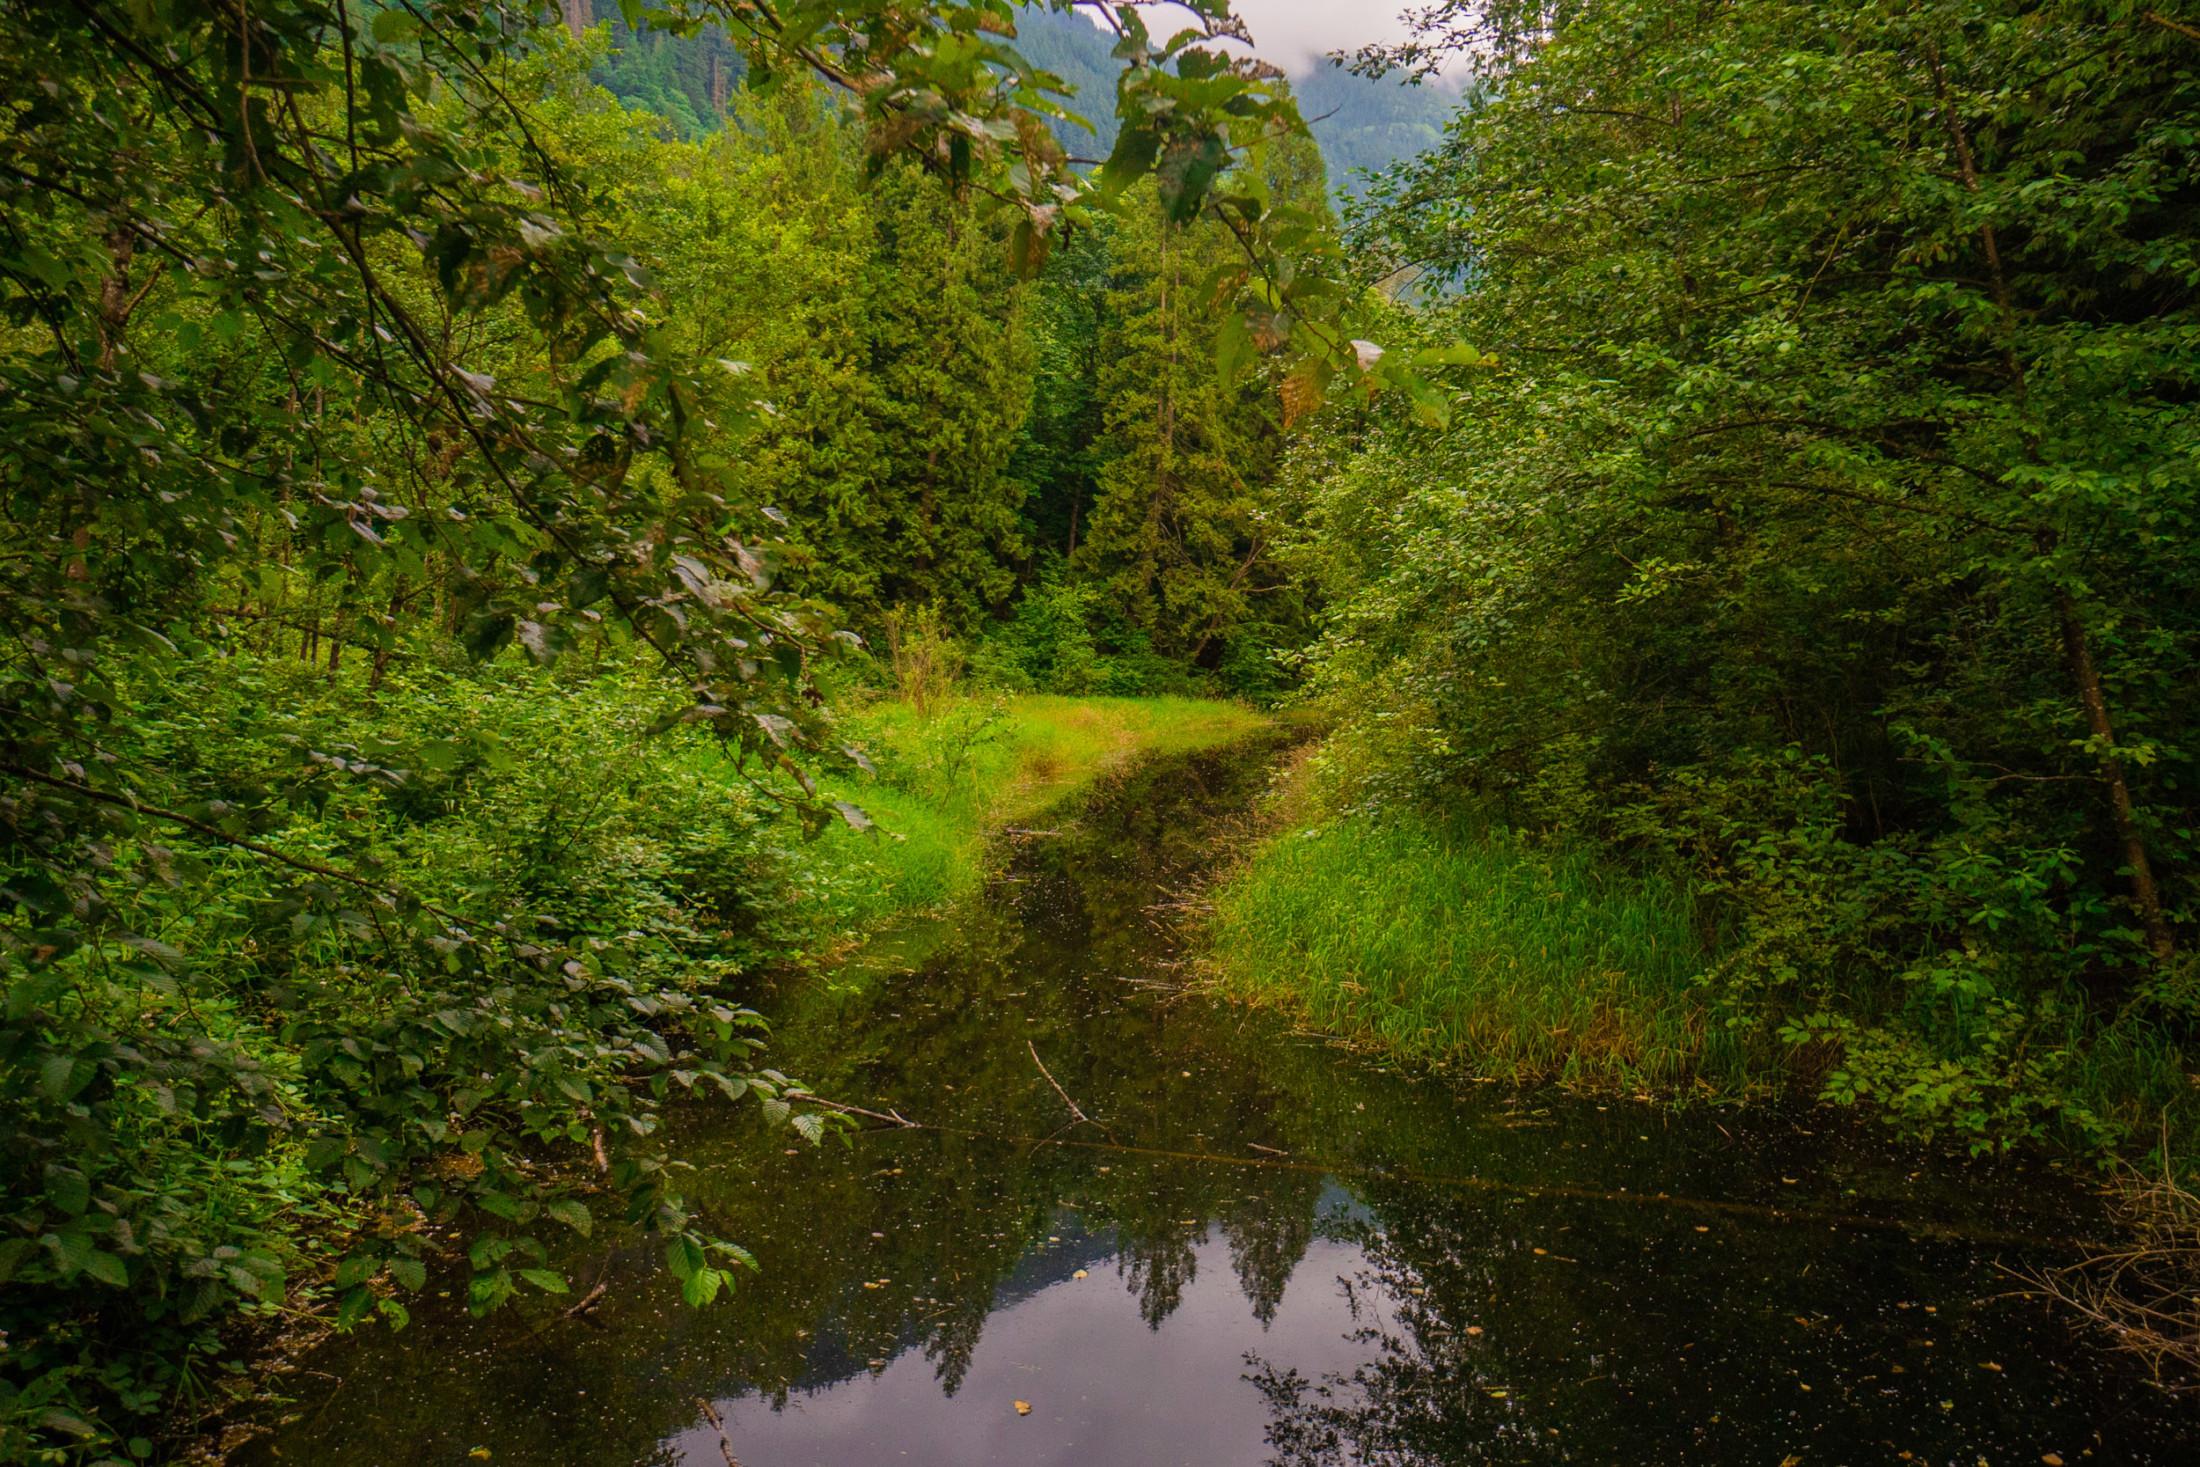 Fraser River side channel